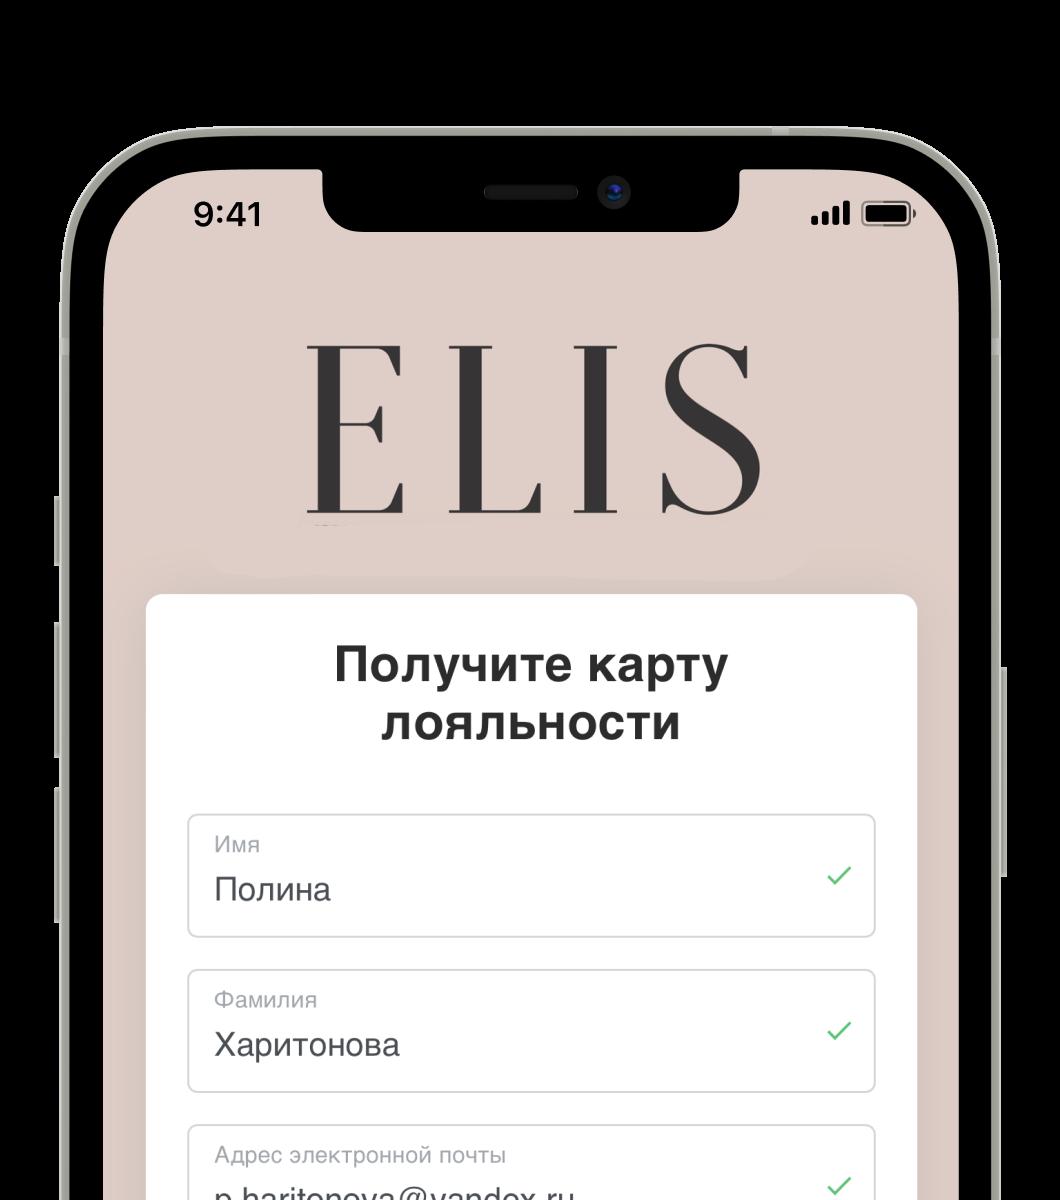 Анкета Elis на мобильном телефоне